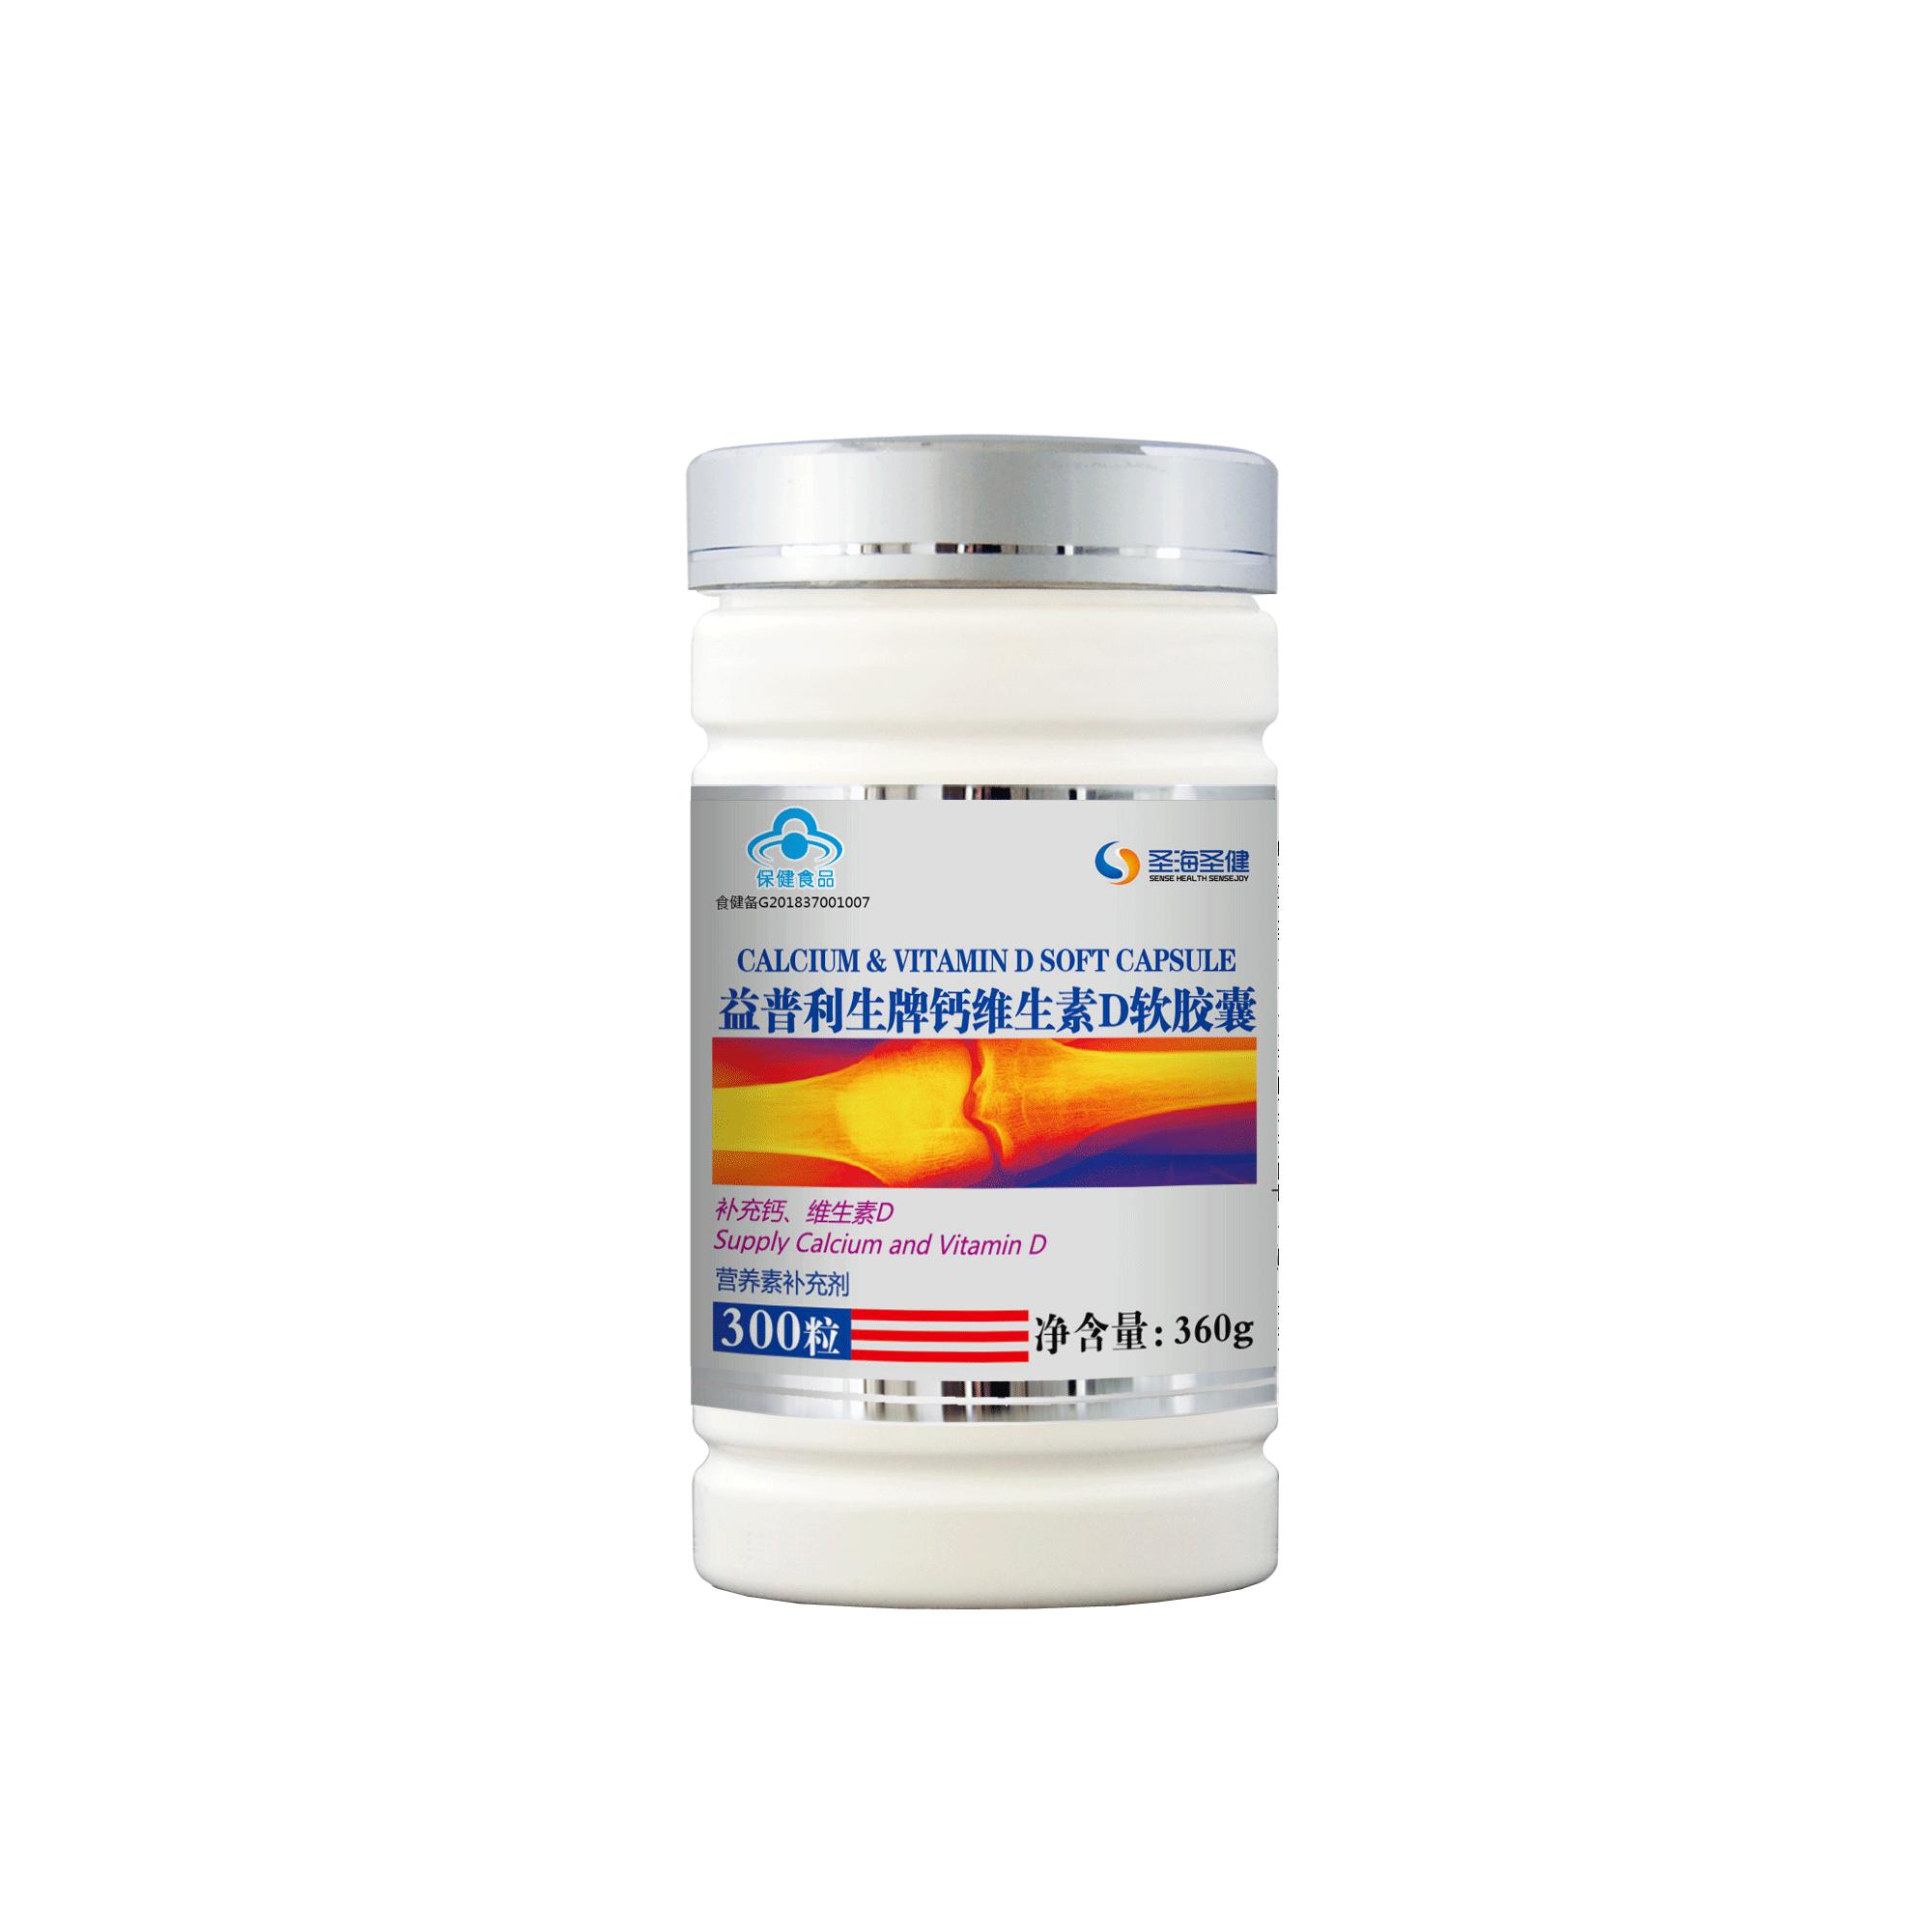 益普利生牌钙维生素D软胶囊300粒